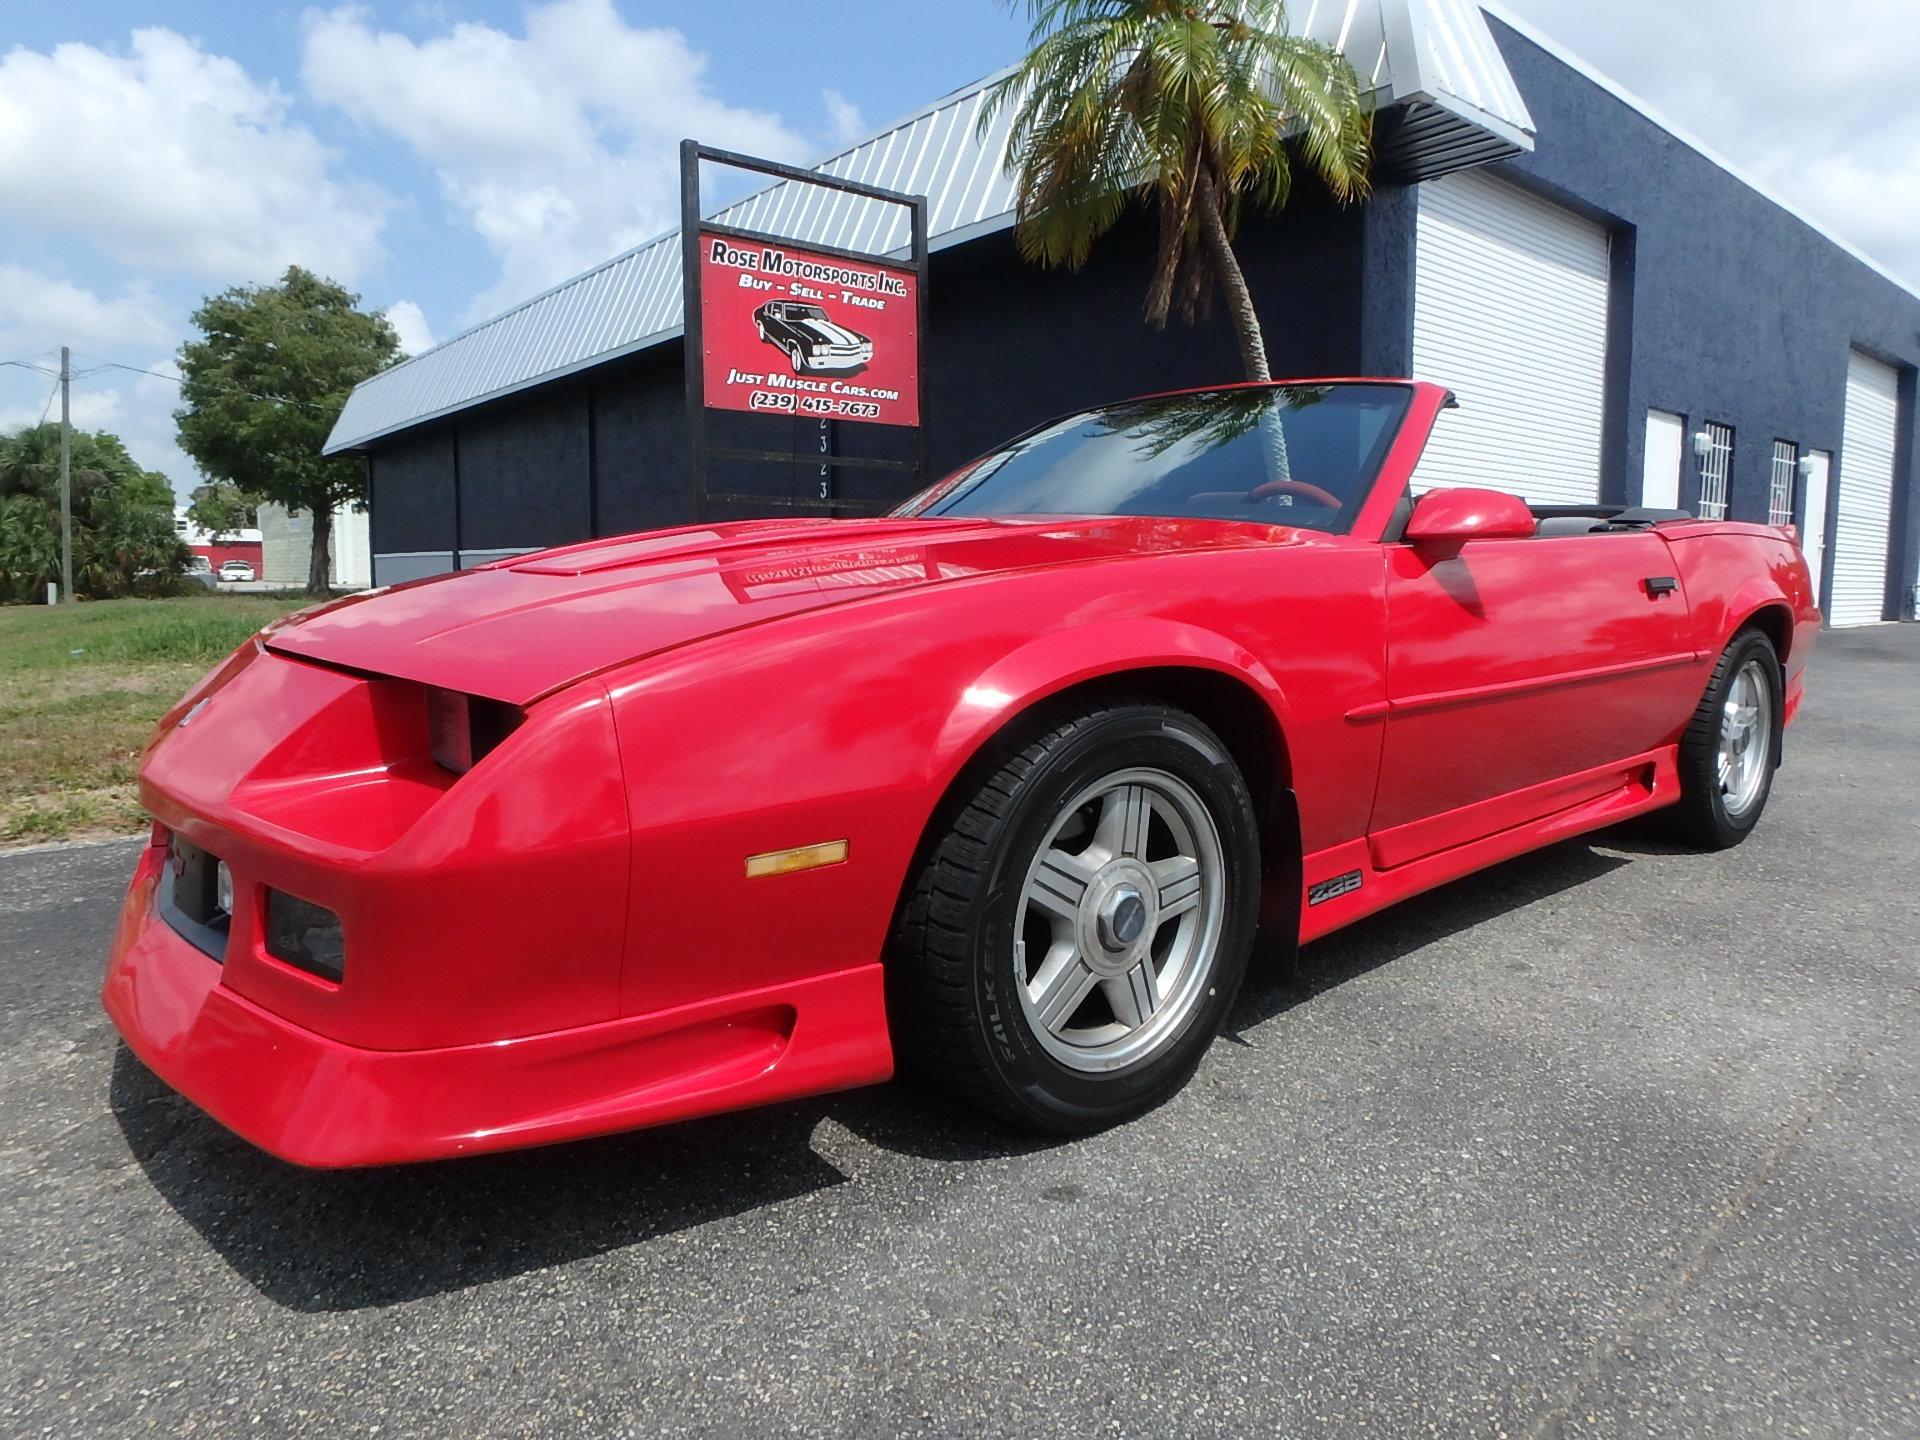 Used 1991 Chevrolet Camaro Z28